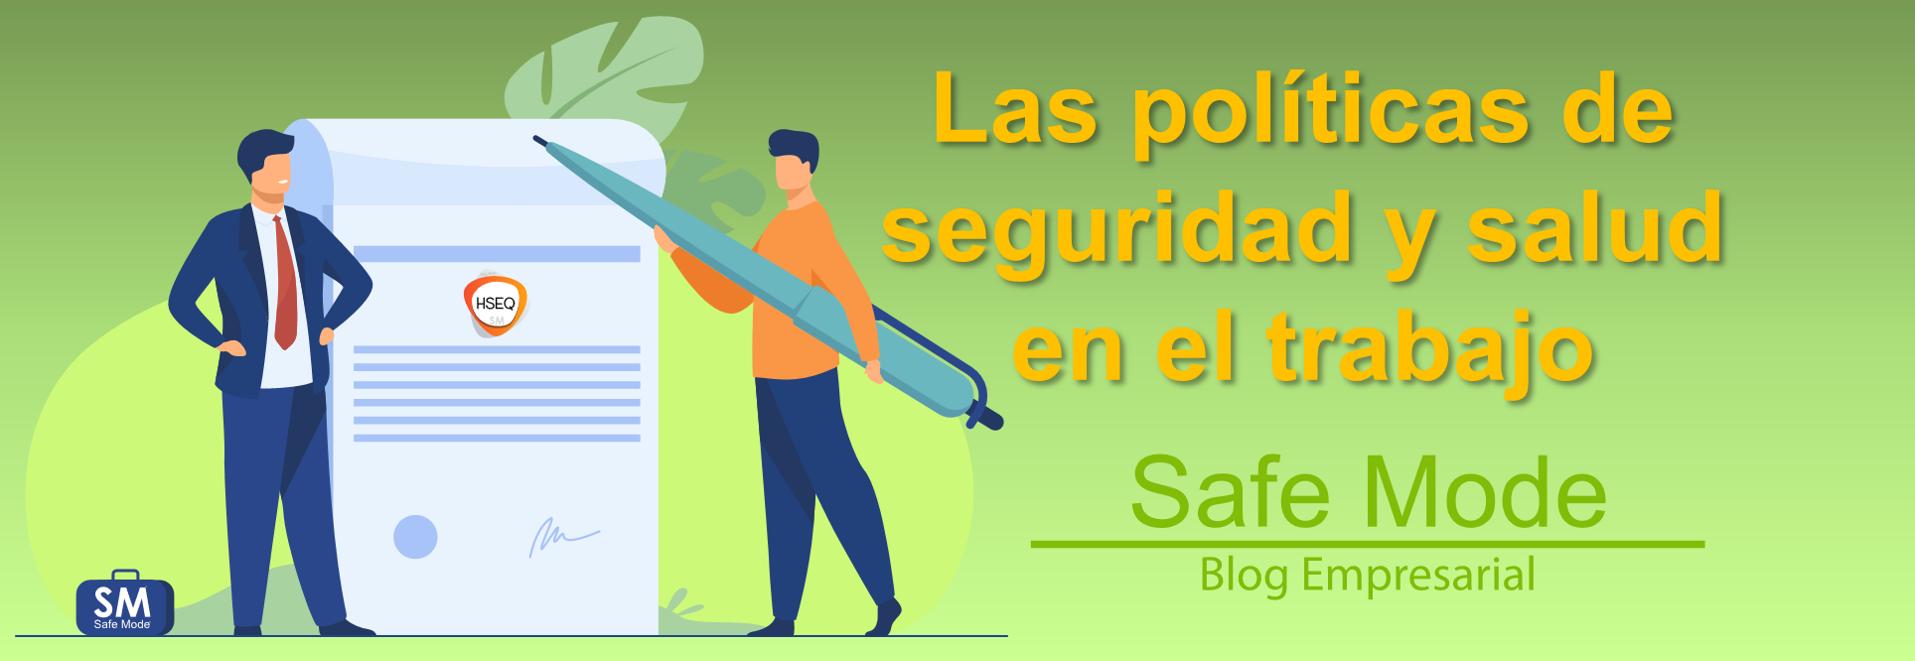 políticas seguridad y salud en el trabajo